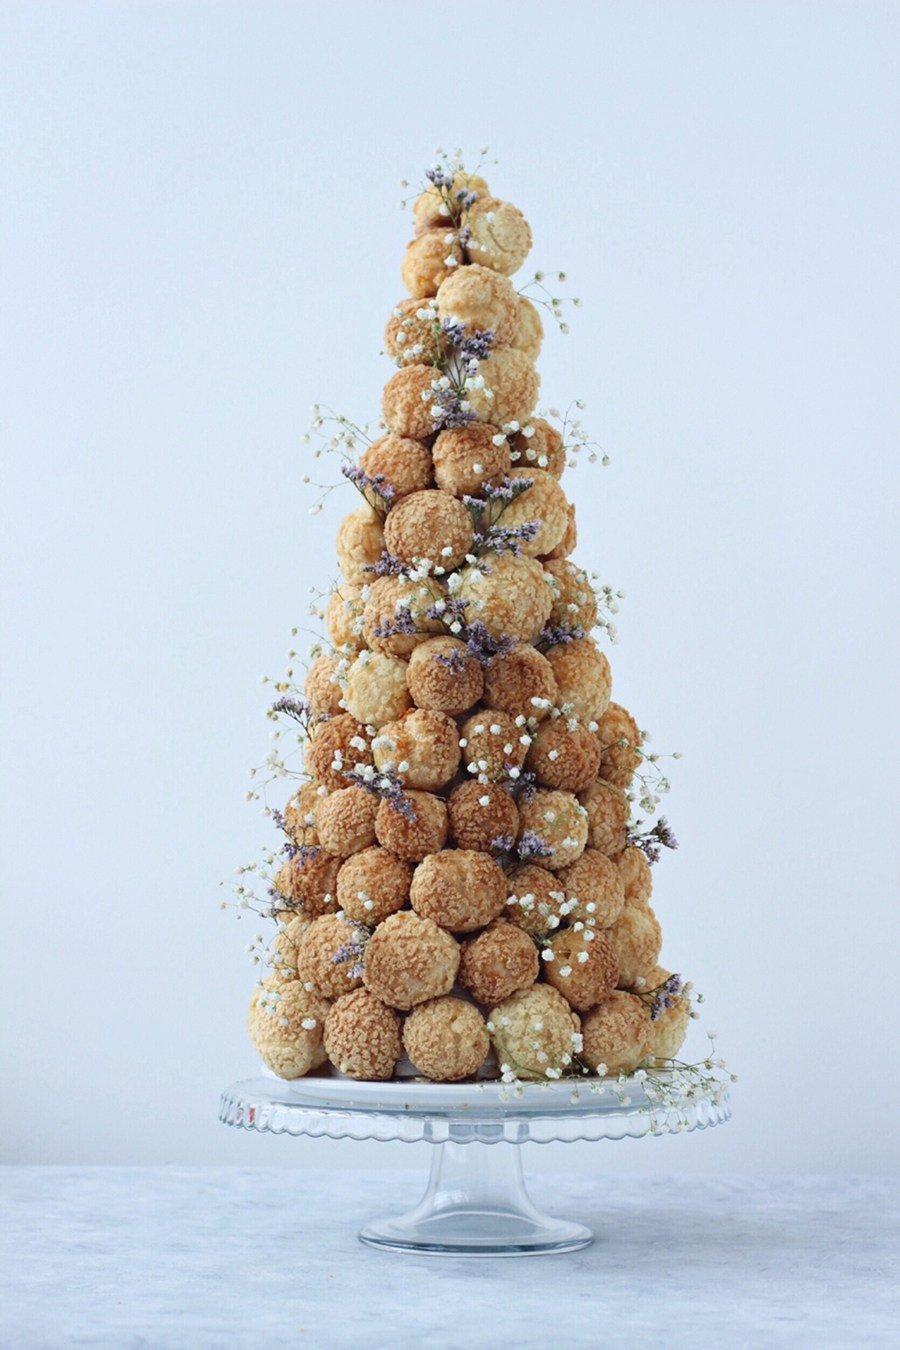 украшения интерьера, торт крокембуш рецепт с фото сколько хранить тип микоз встречается